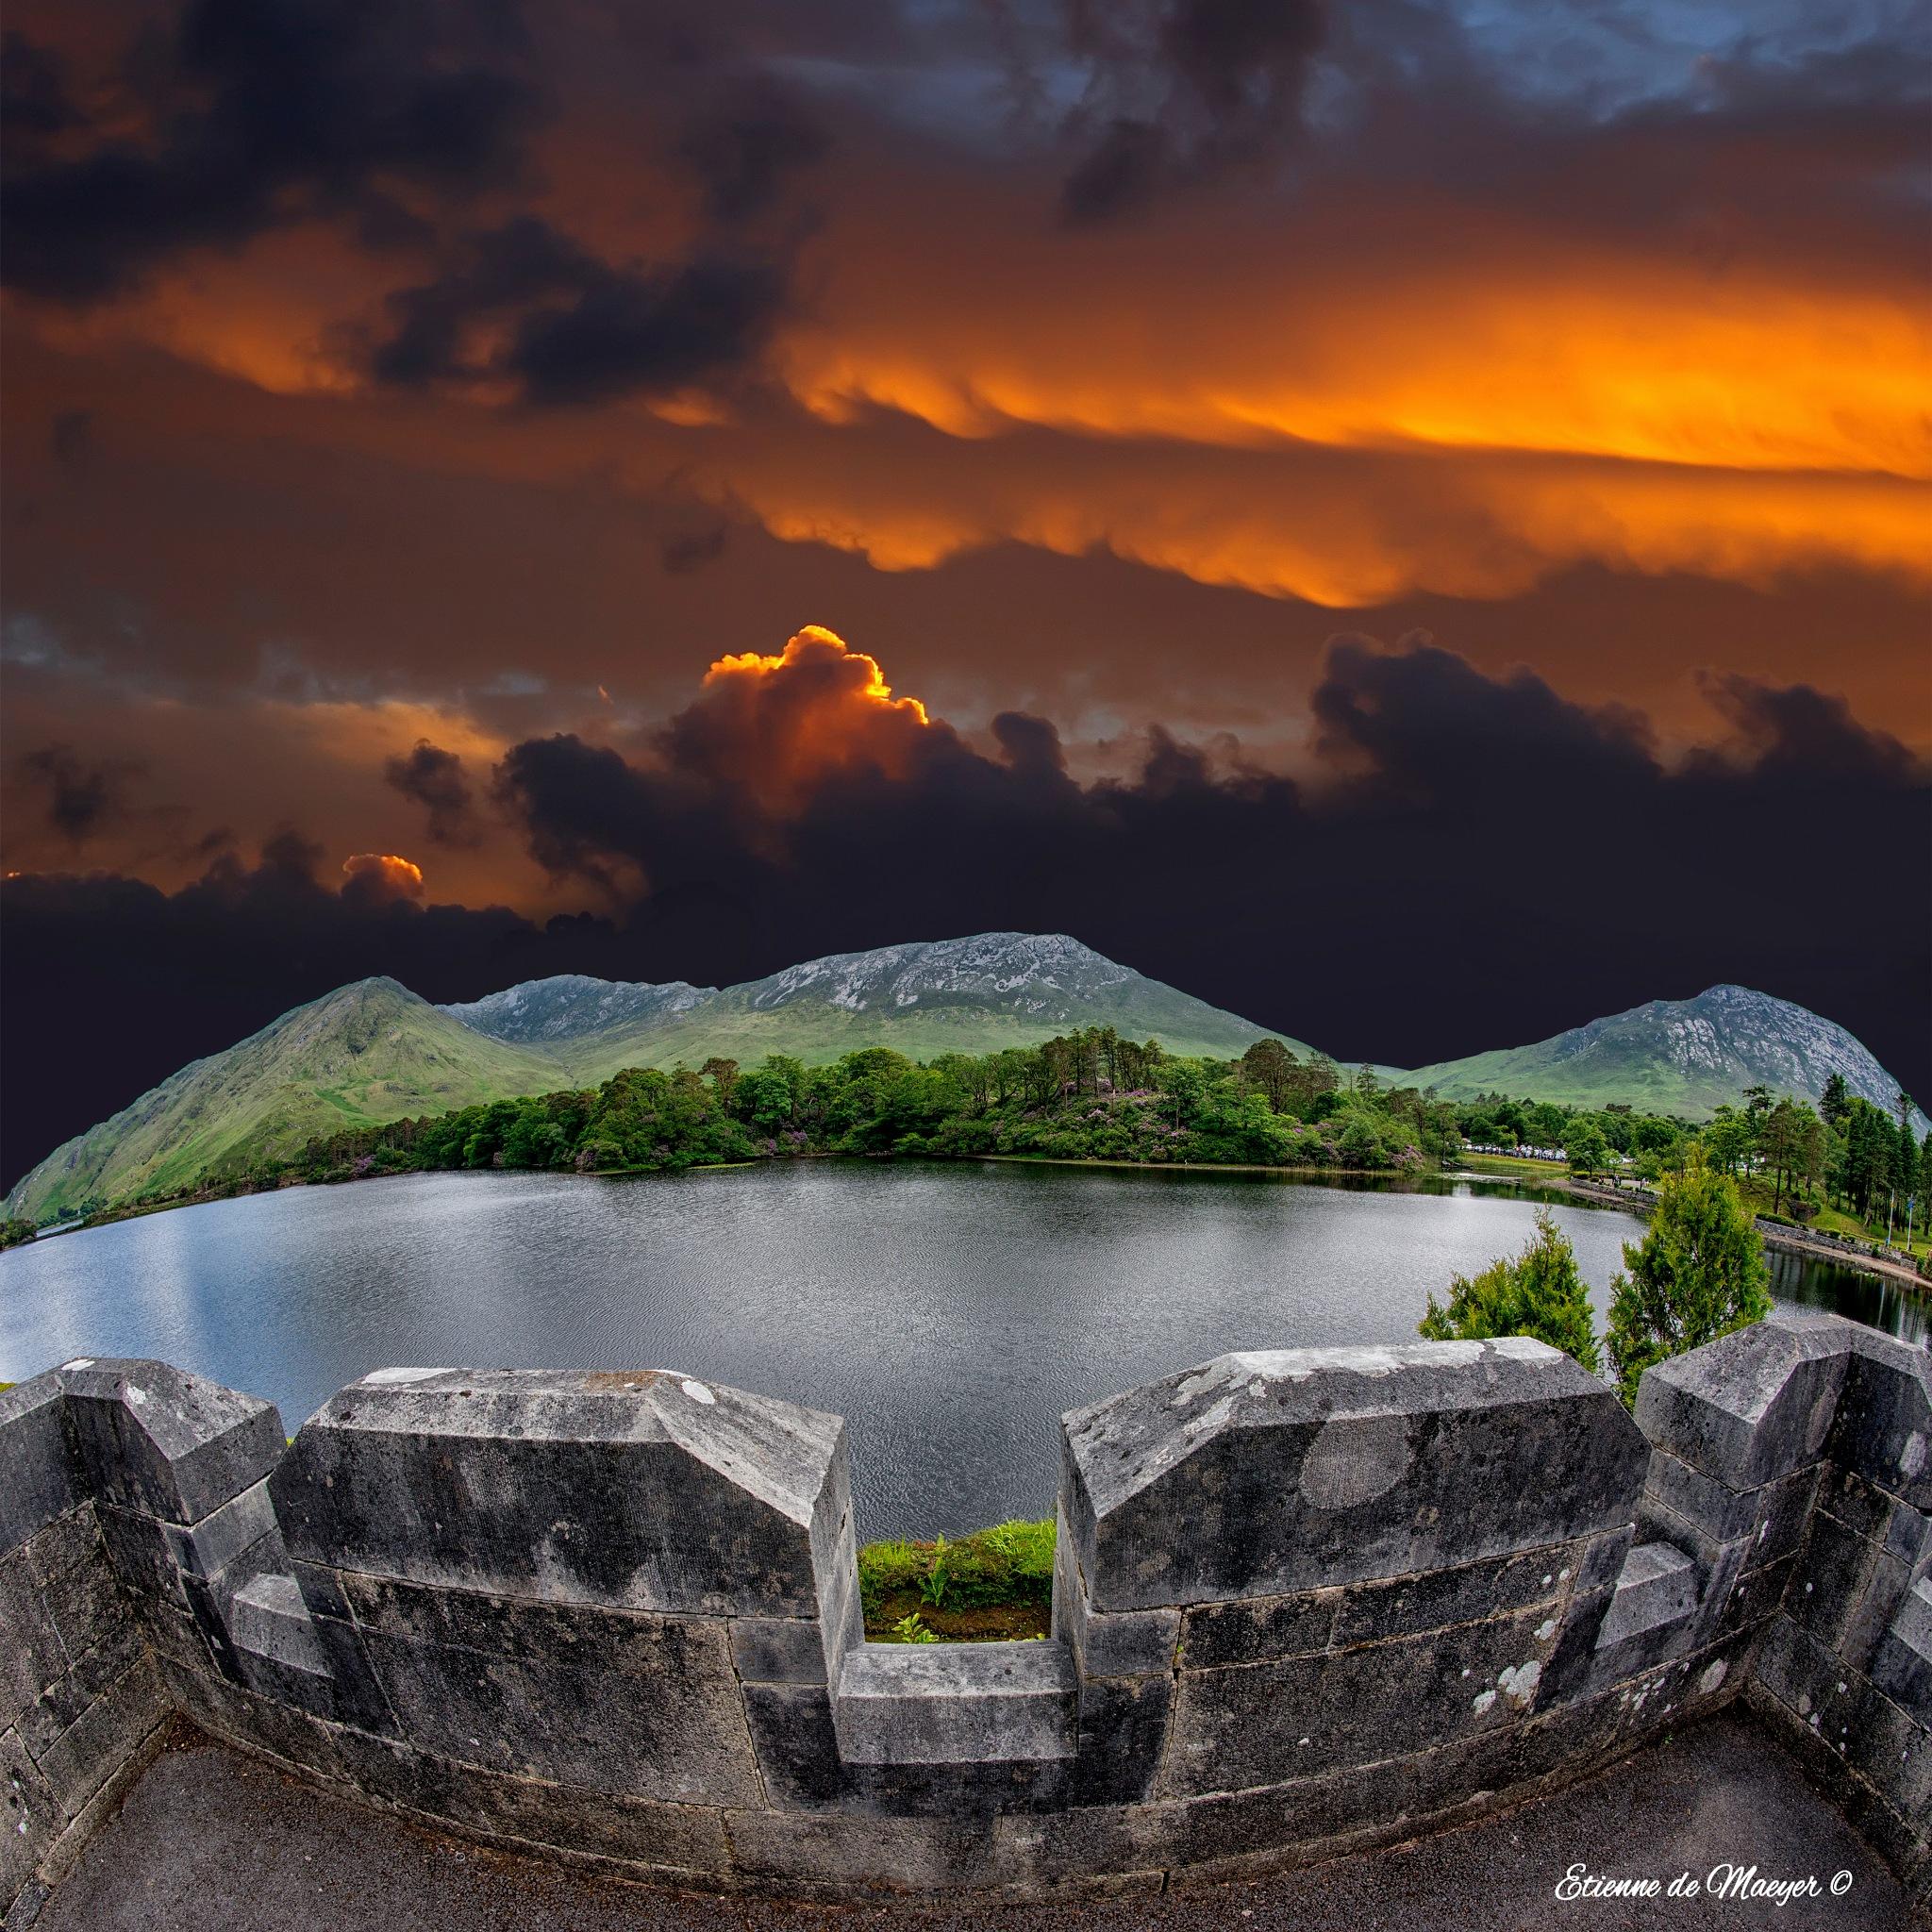 Ierland by Etienne de Maeyer